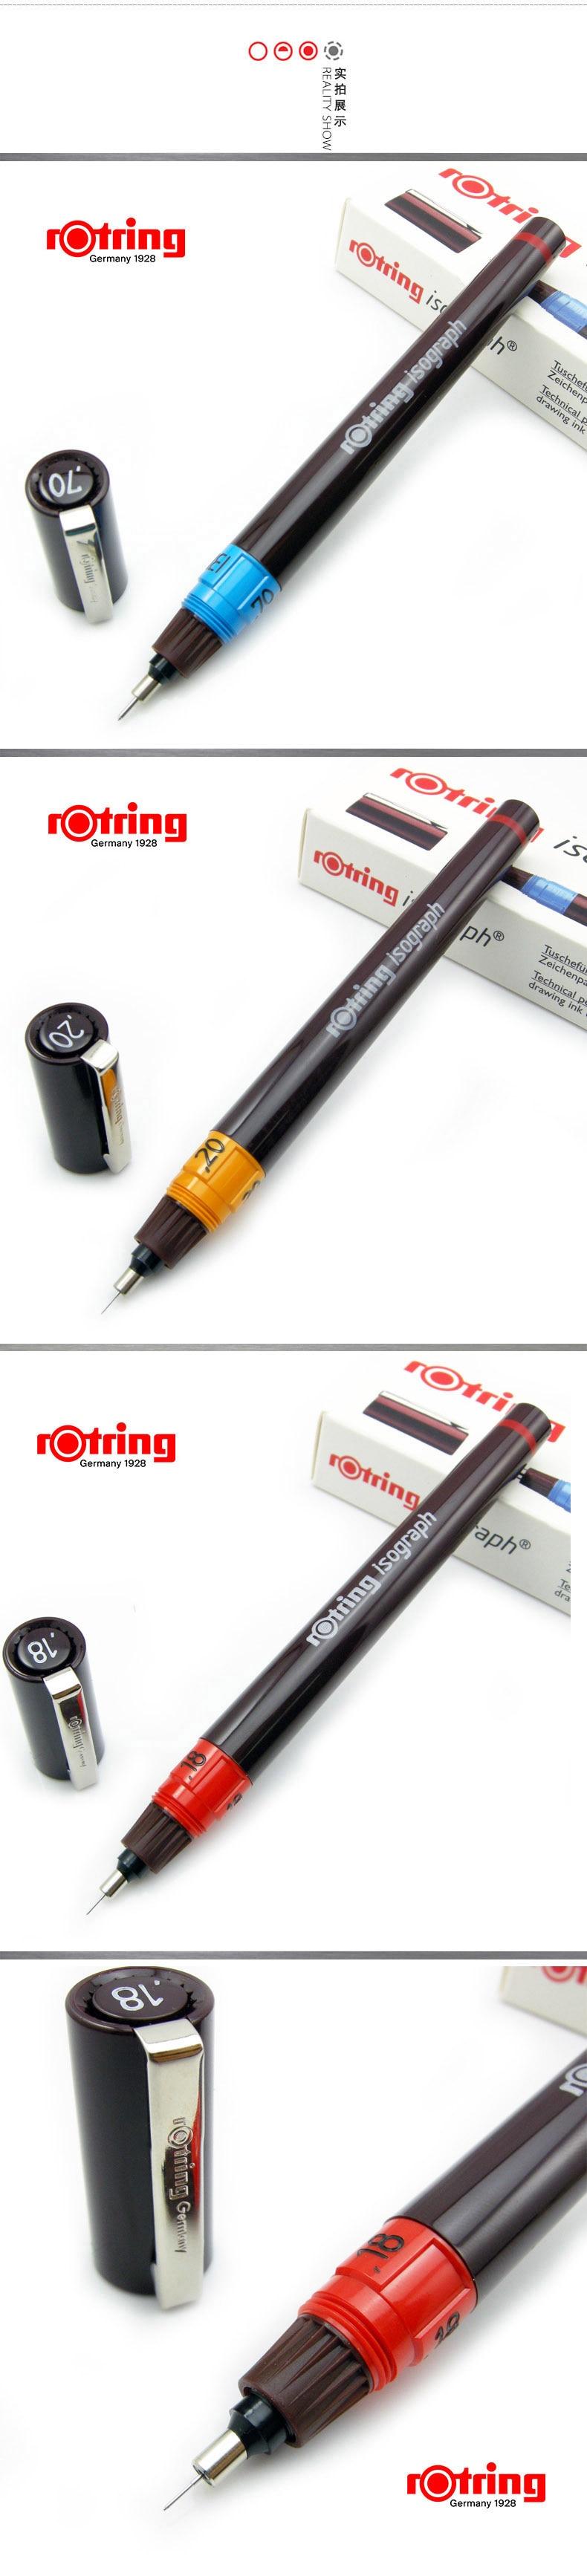 Caneta original 0.1mm-1.0mm da agulha de rotring para a escolha